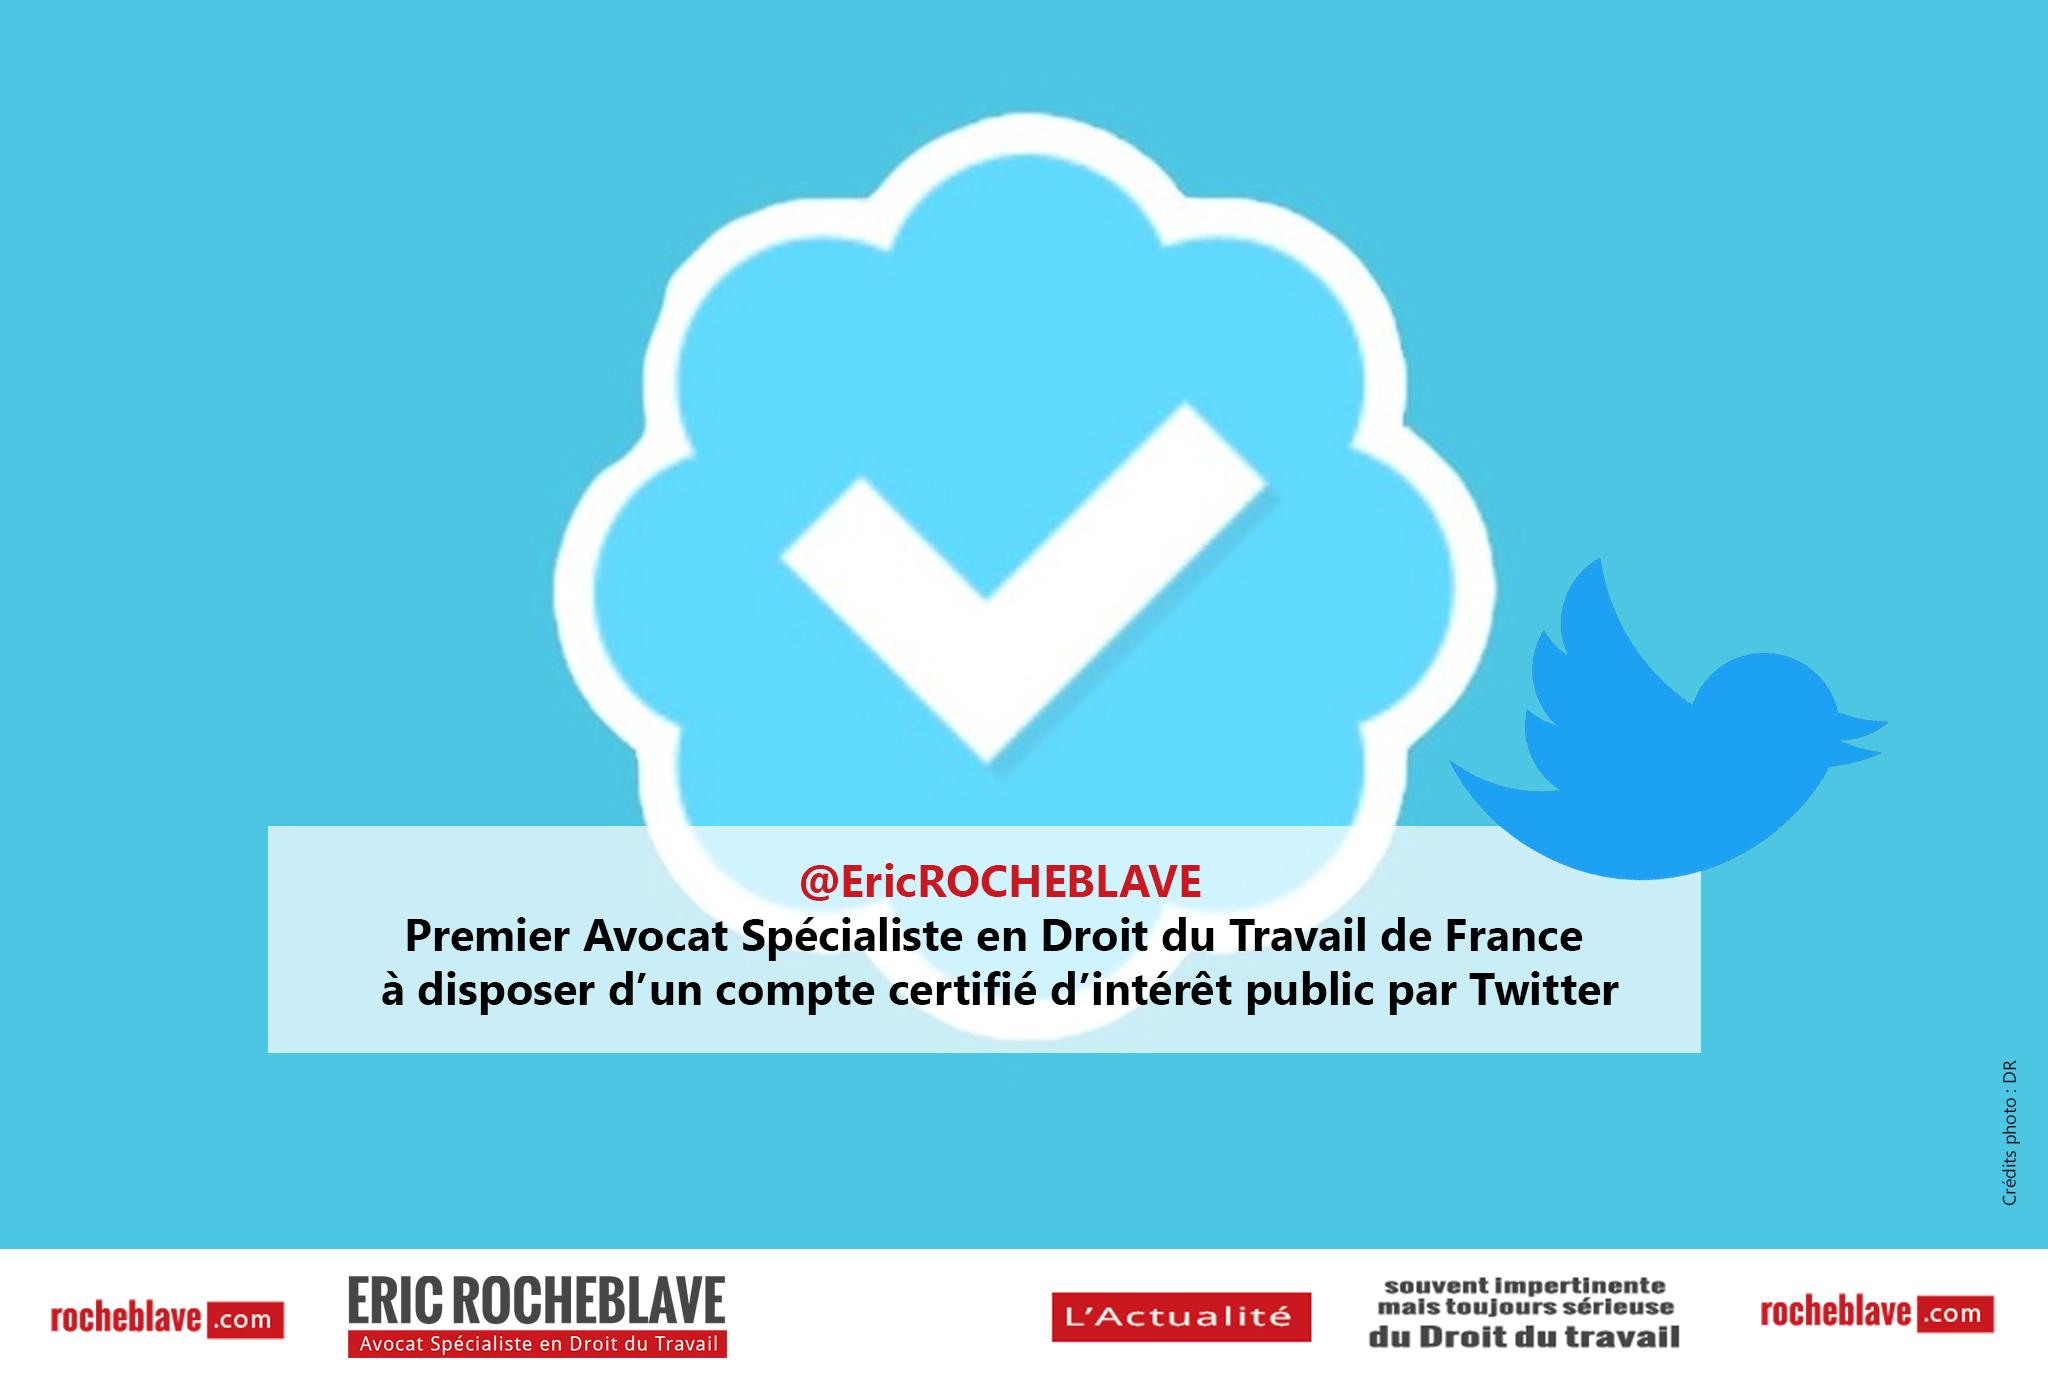 Premier Avocat Spécialiste en Droit du Travail de France à disposer d'un compte certifié d'intérêt public par Twitter